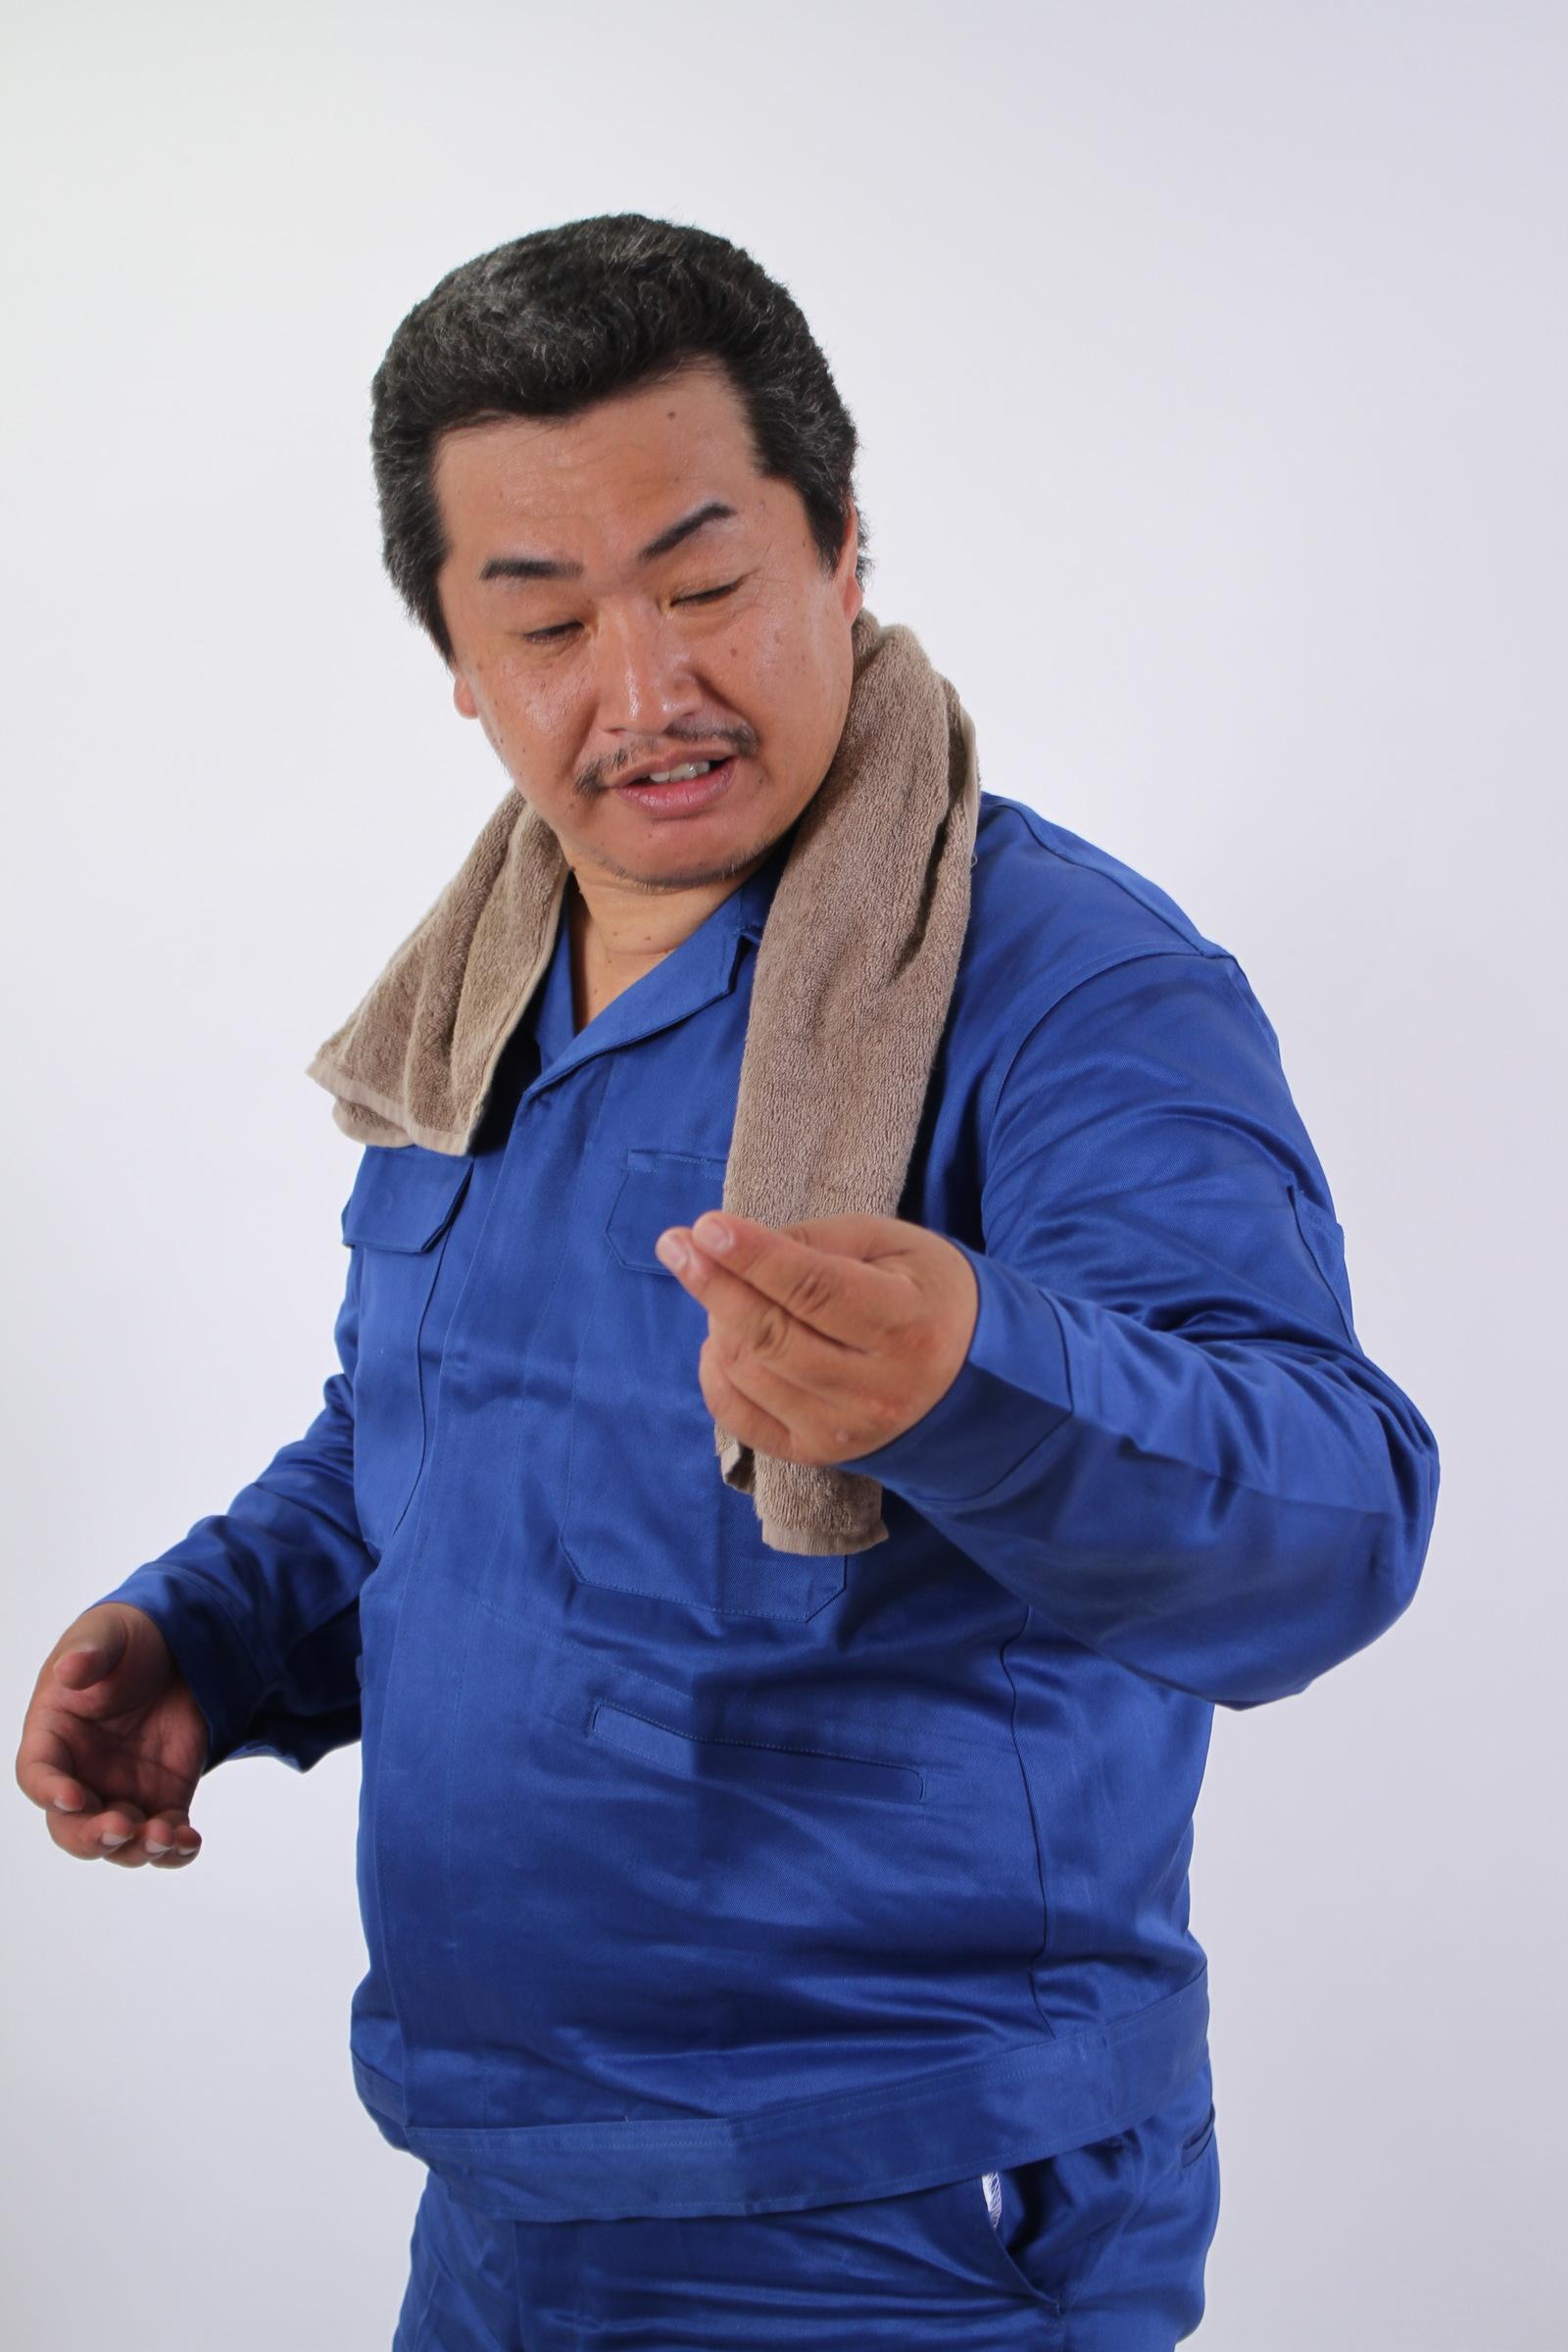 「えーと、あれ、確かにさっきまで寿司を握ってたんだけど。。」,シニア,写真,画像,素材,老人,高齢者,フリー